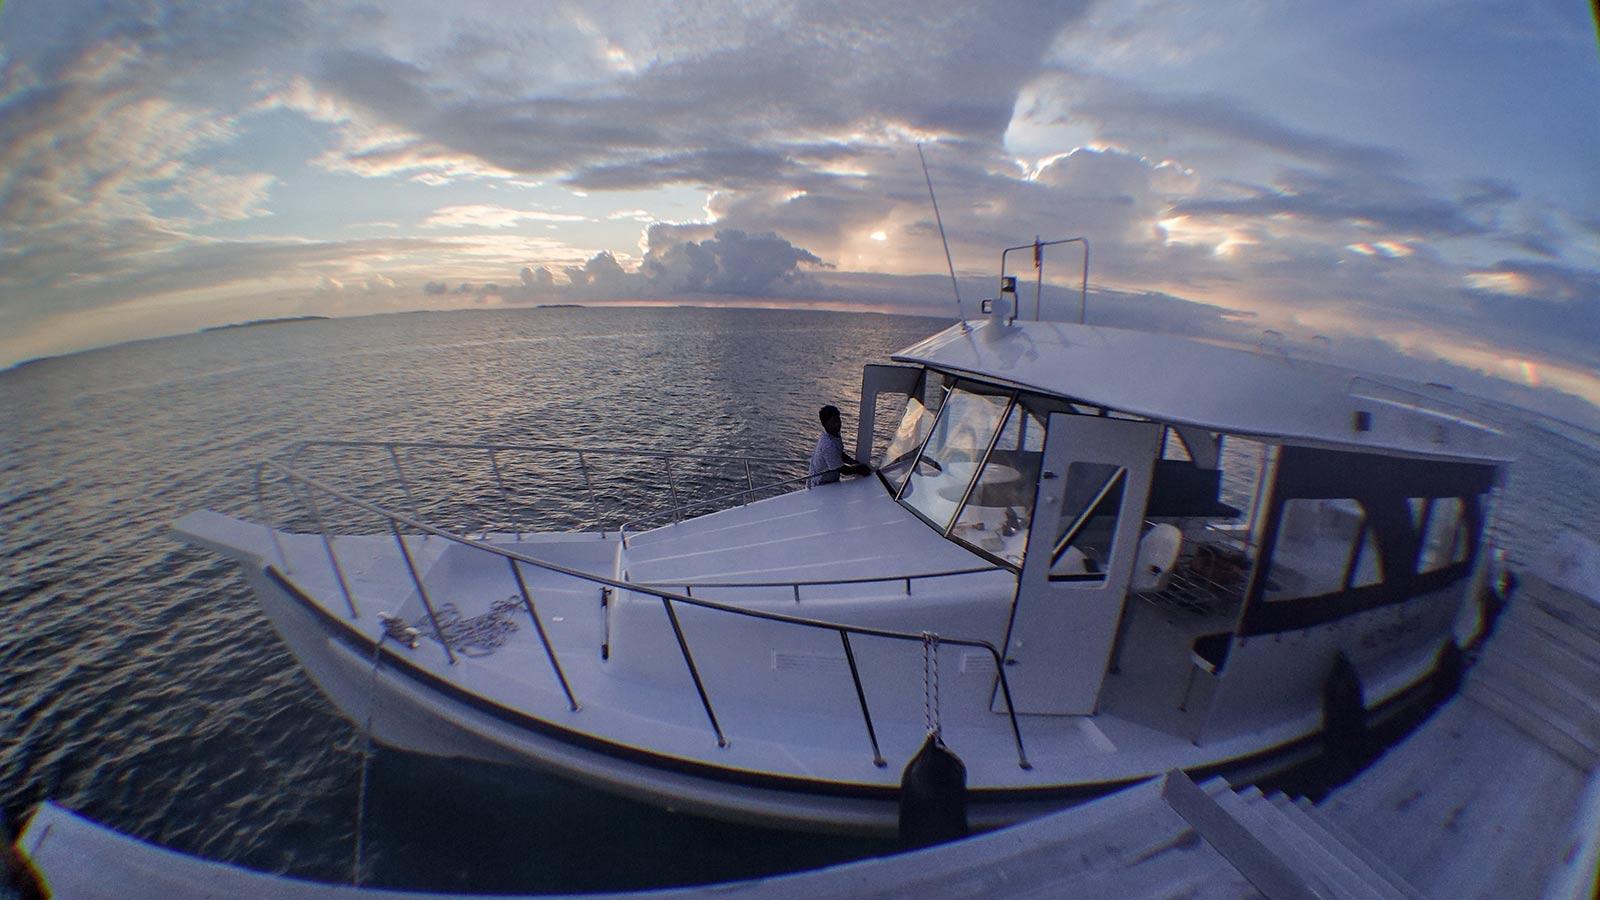 Maldives sunset boat